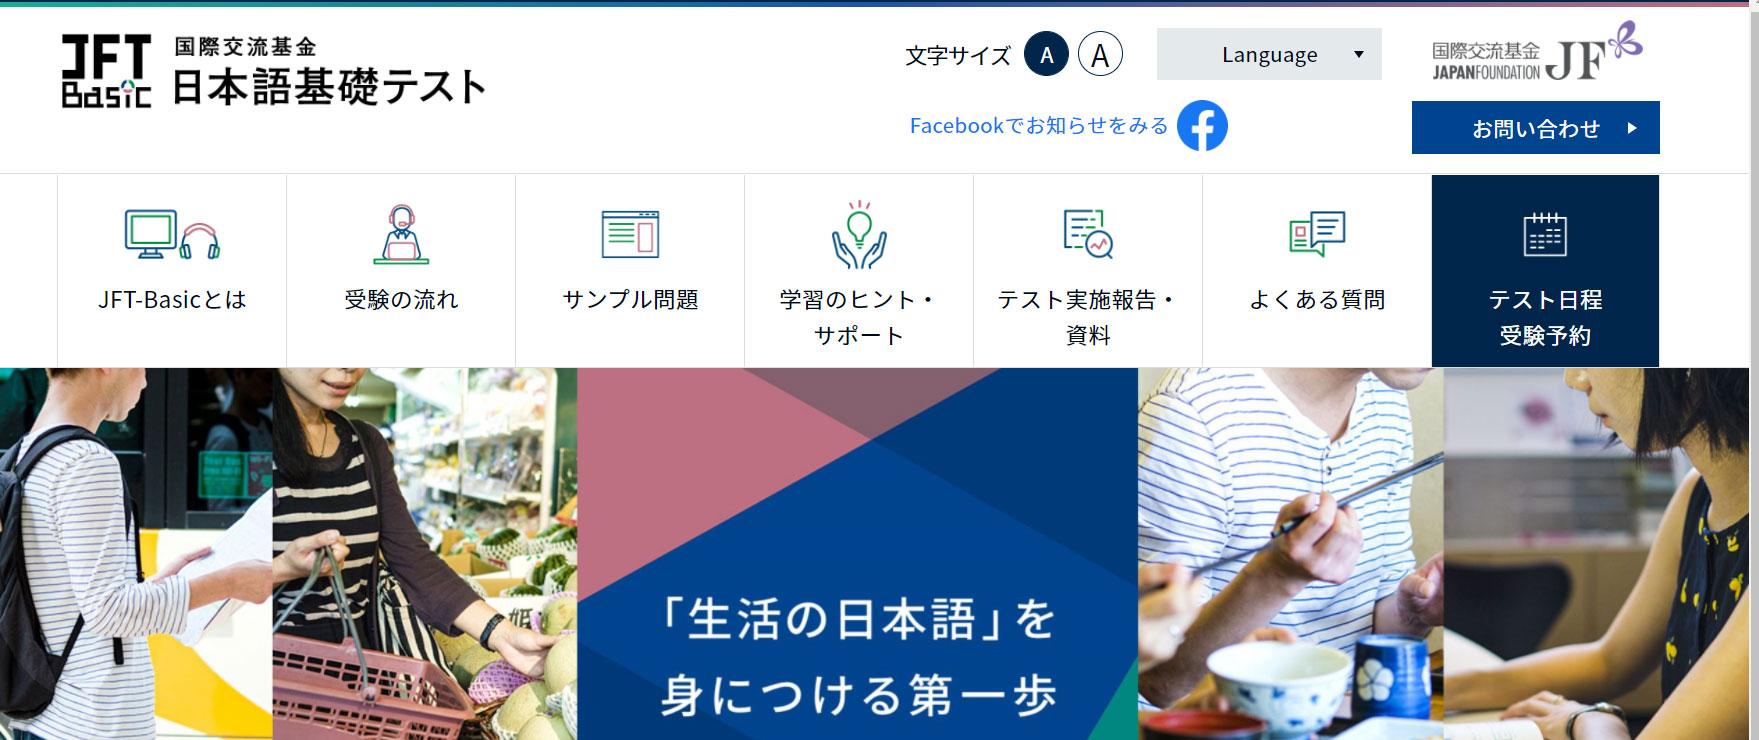 外国人労働者の日本語能力を測定するために今注目の国際交流基金日本語基礎テスト